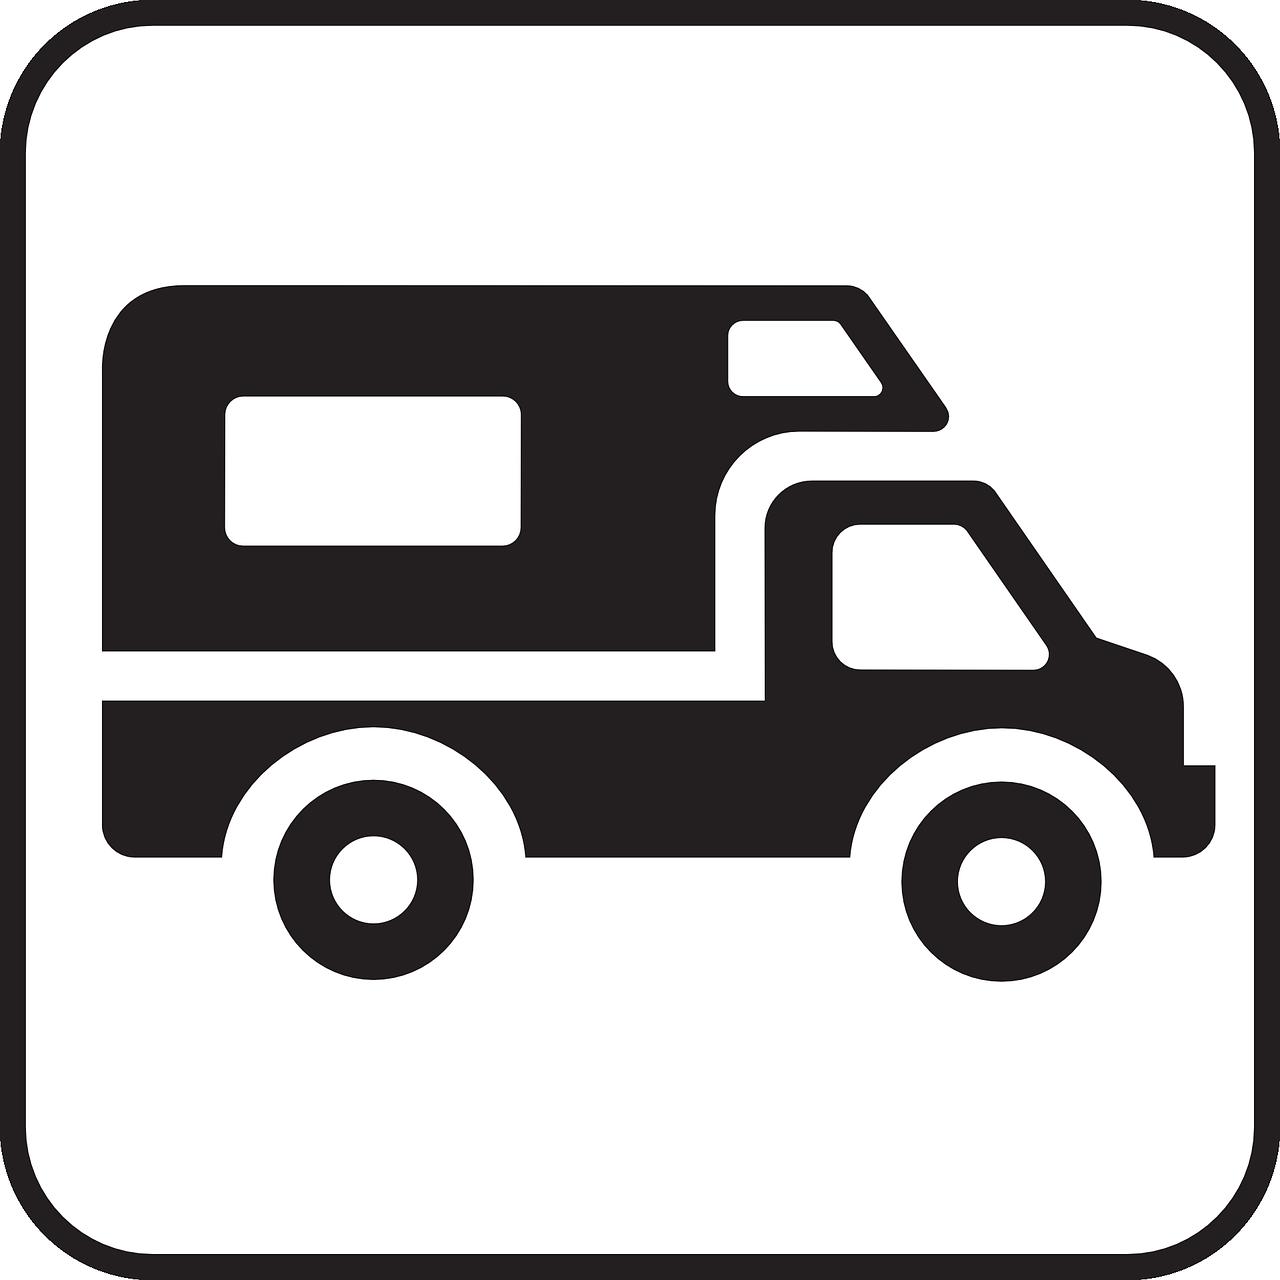 Borne de services camping-car